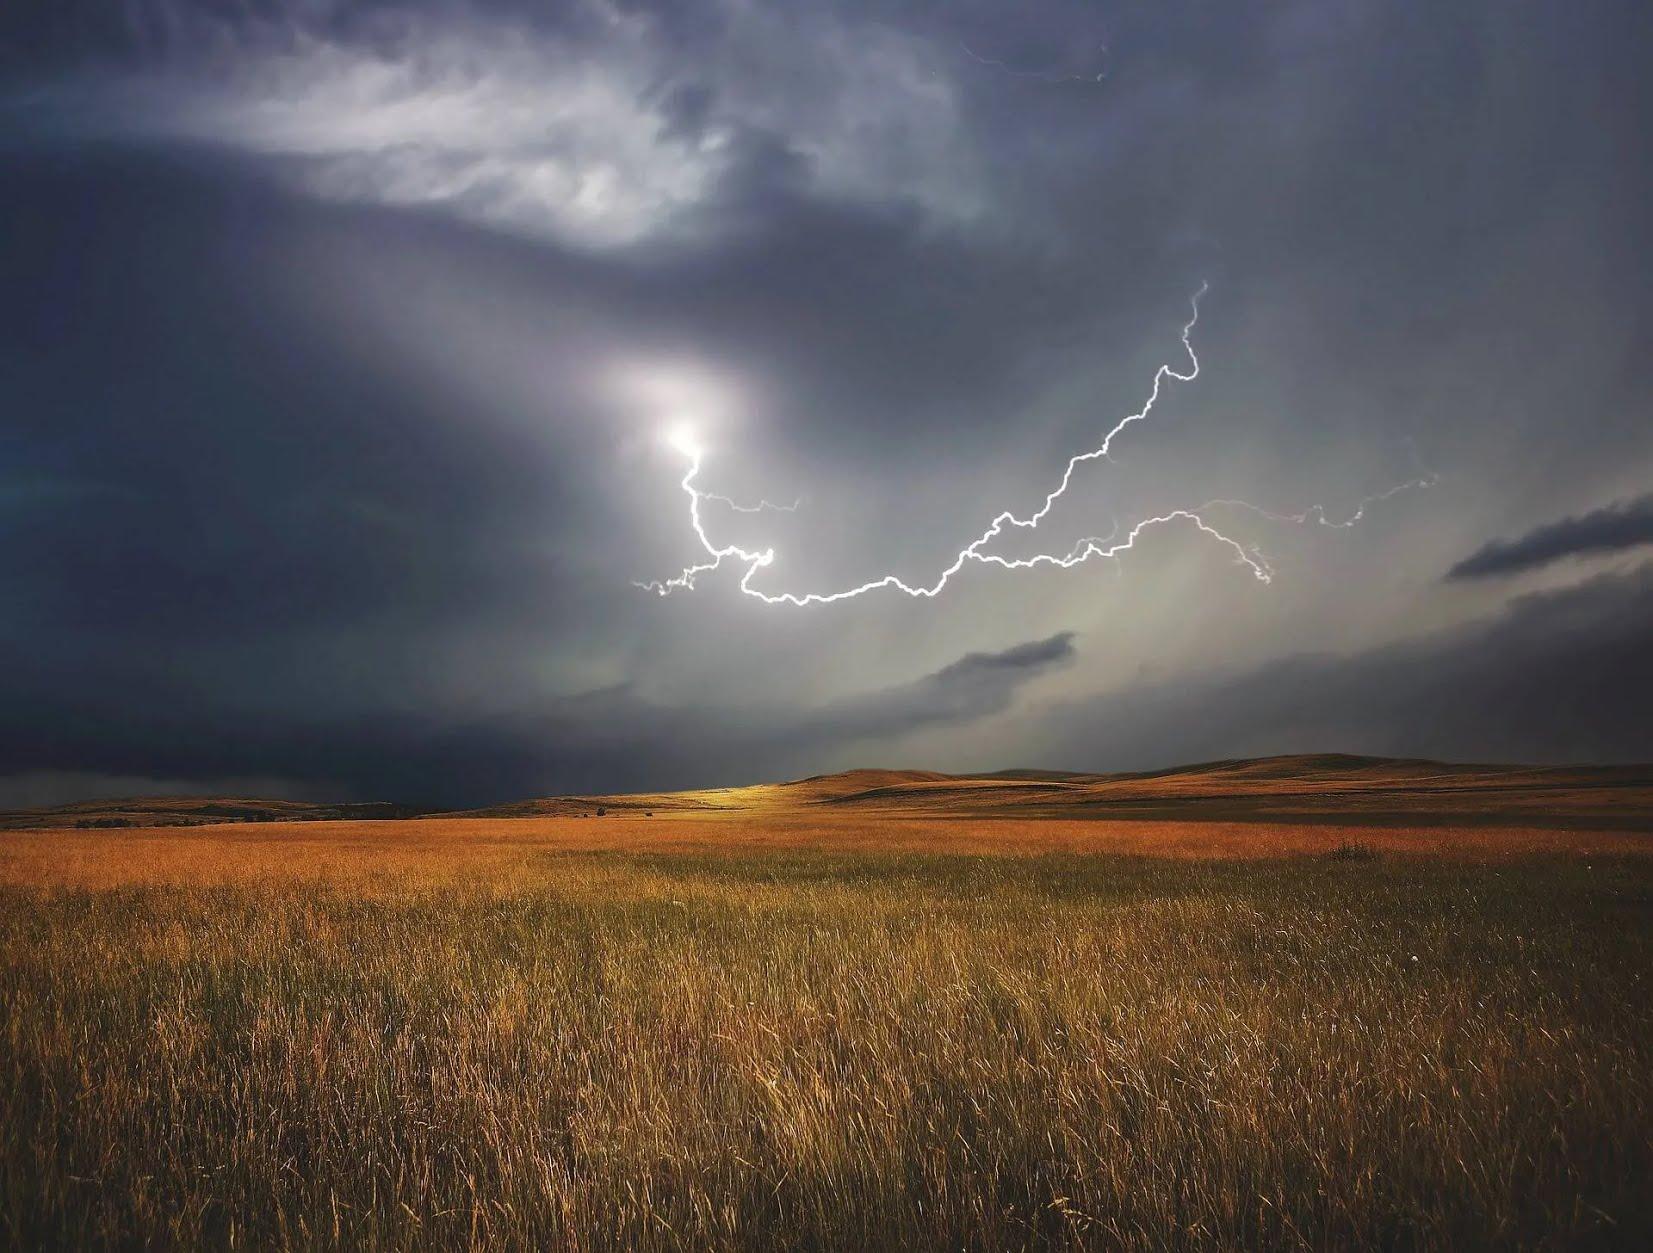 У святого Іллі традиційно просили дощу для врожаю